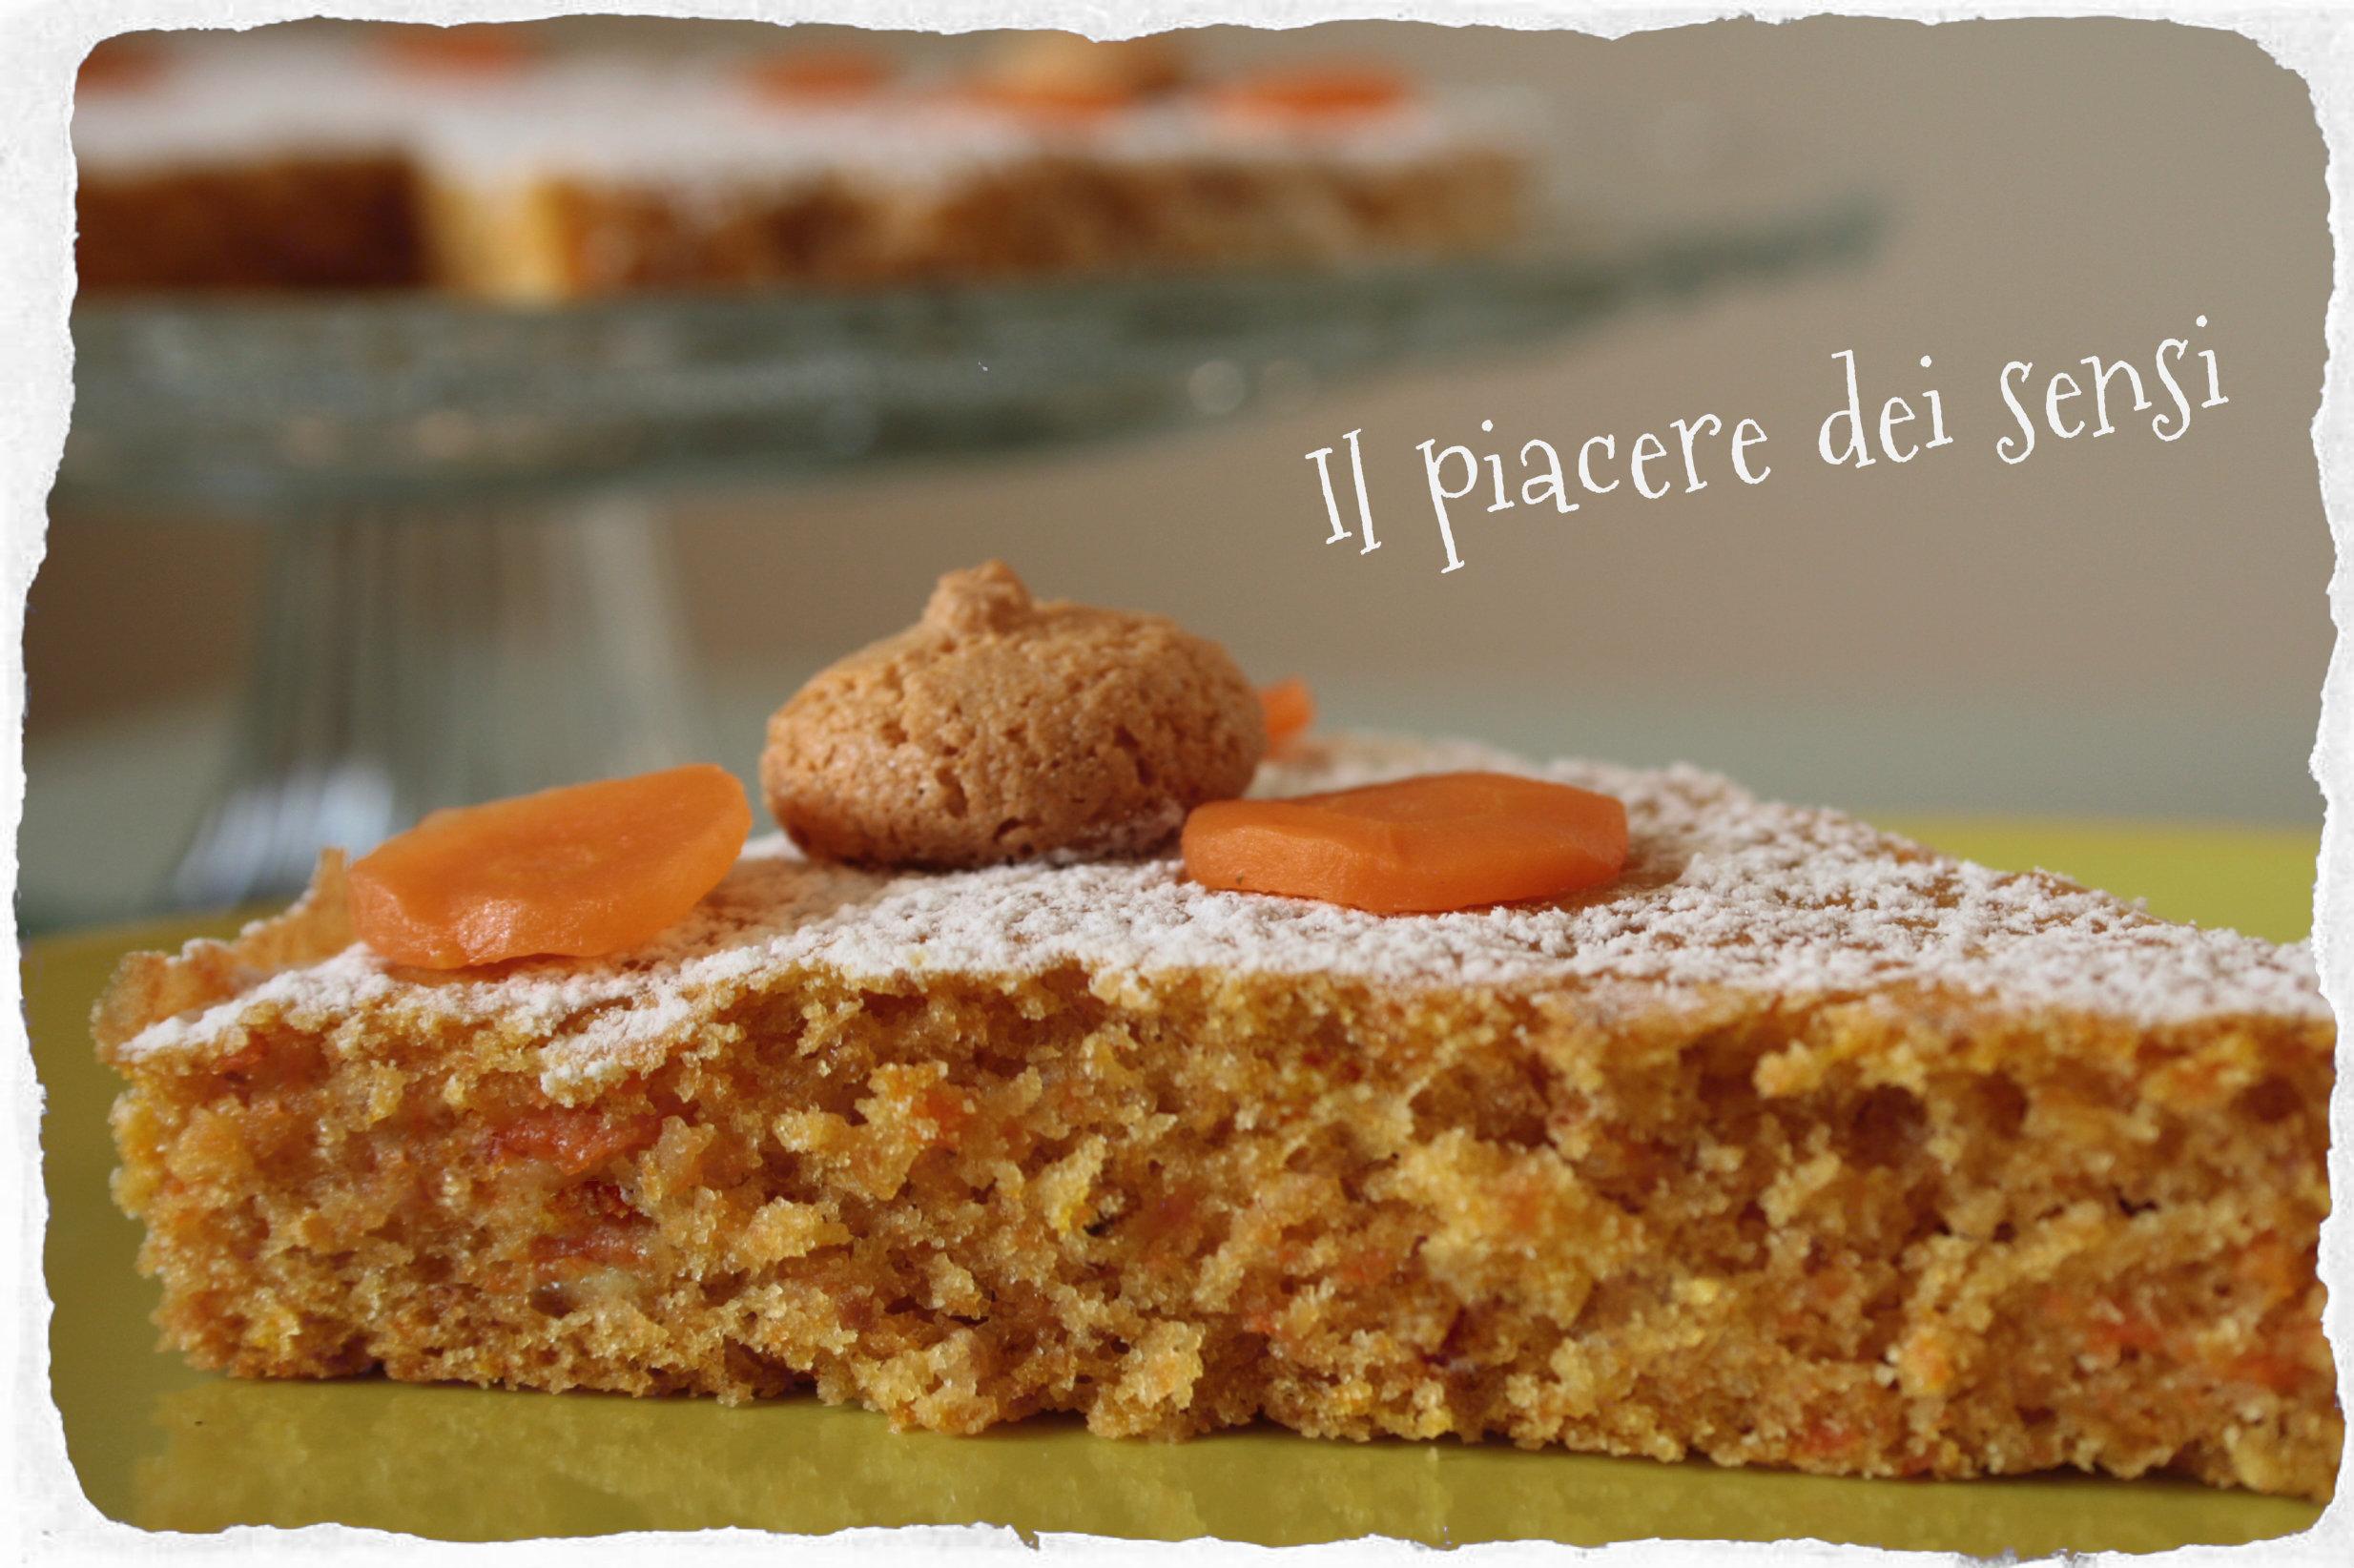 Torta con carote e amaretti - carrot cake with amaretti